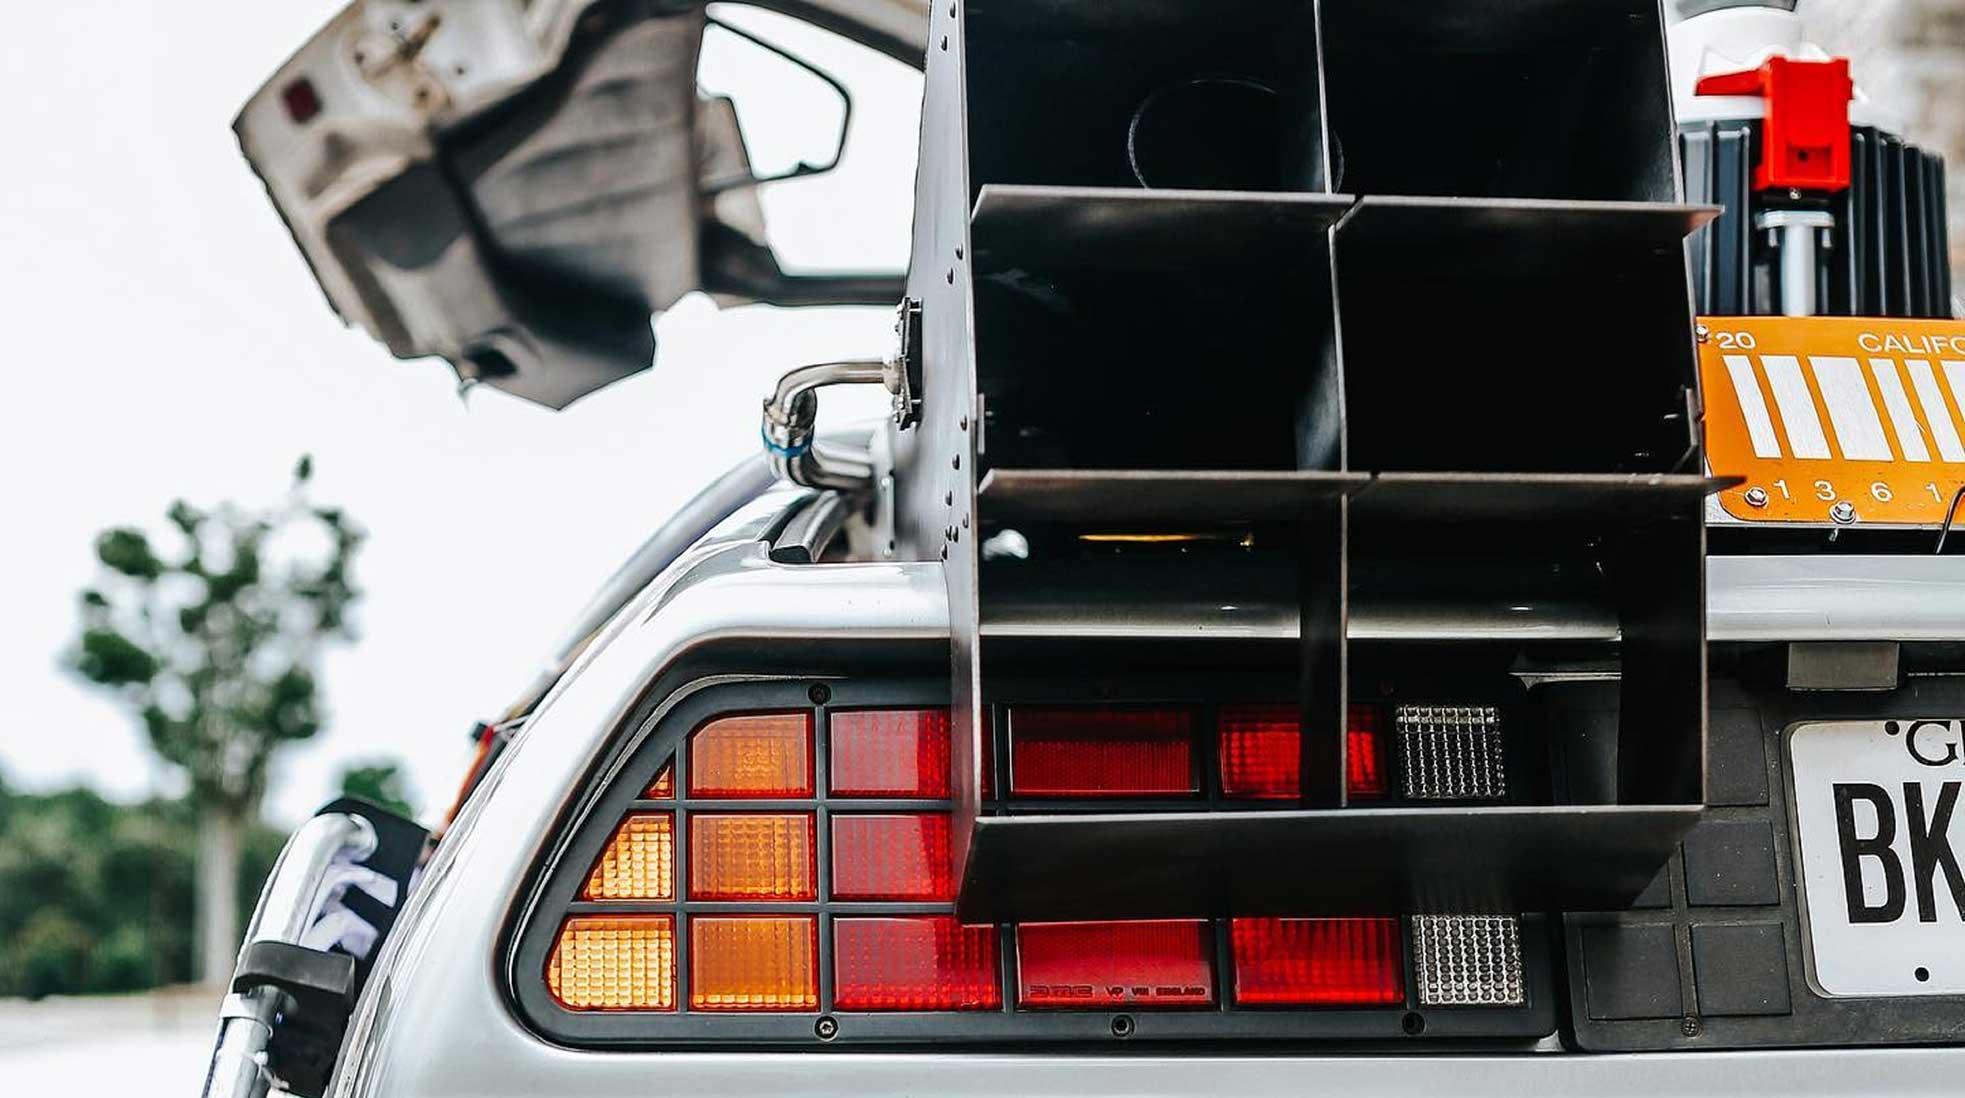 En närbild av en DeLorean-bil med öppna dörrar